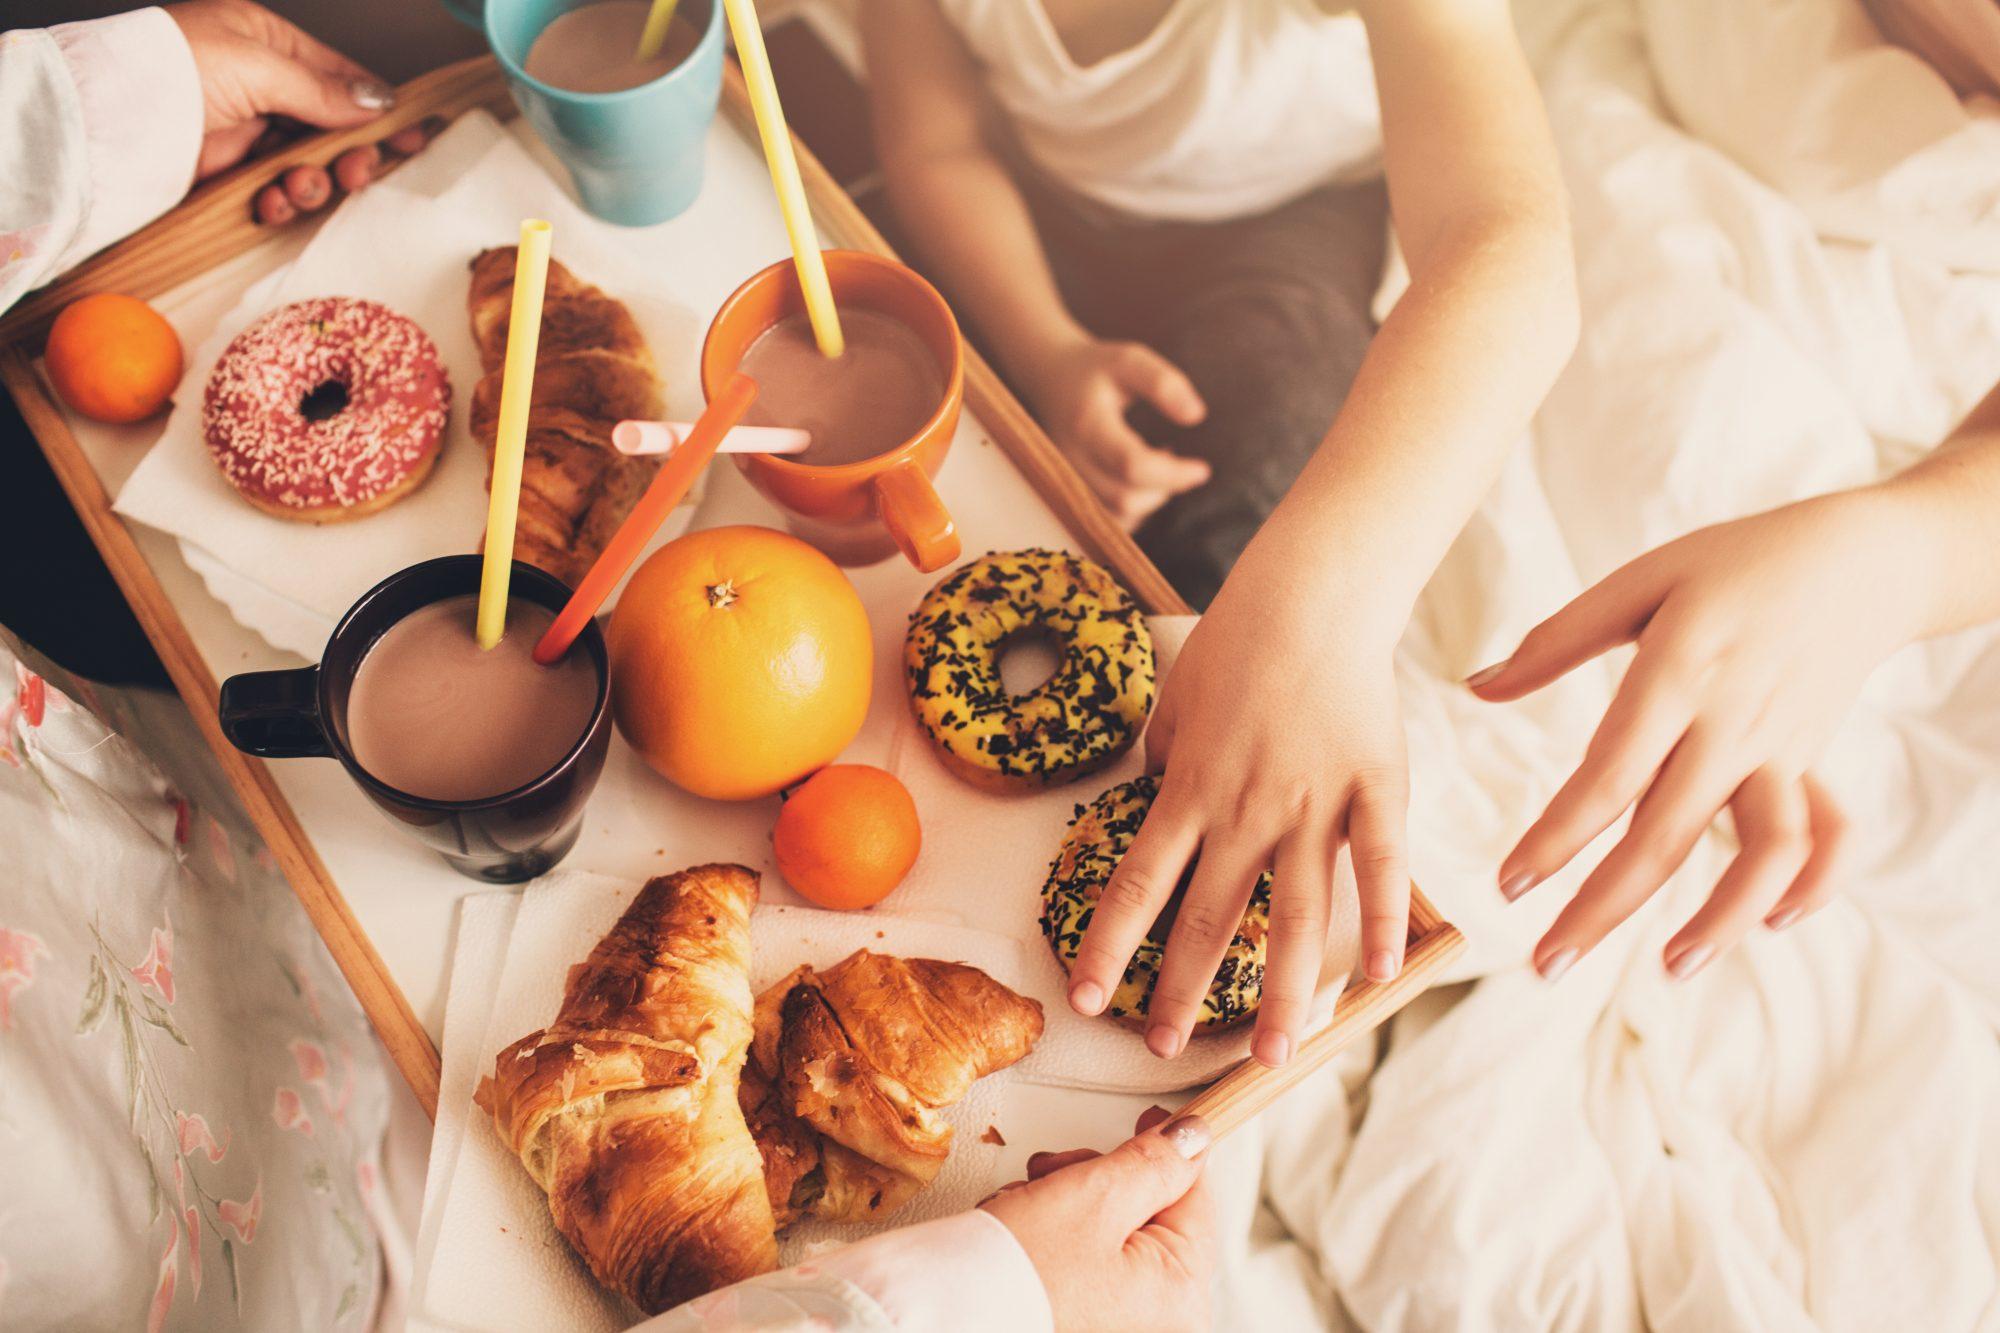 Breakfast in Bed Hands